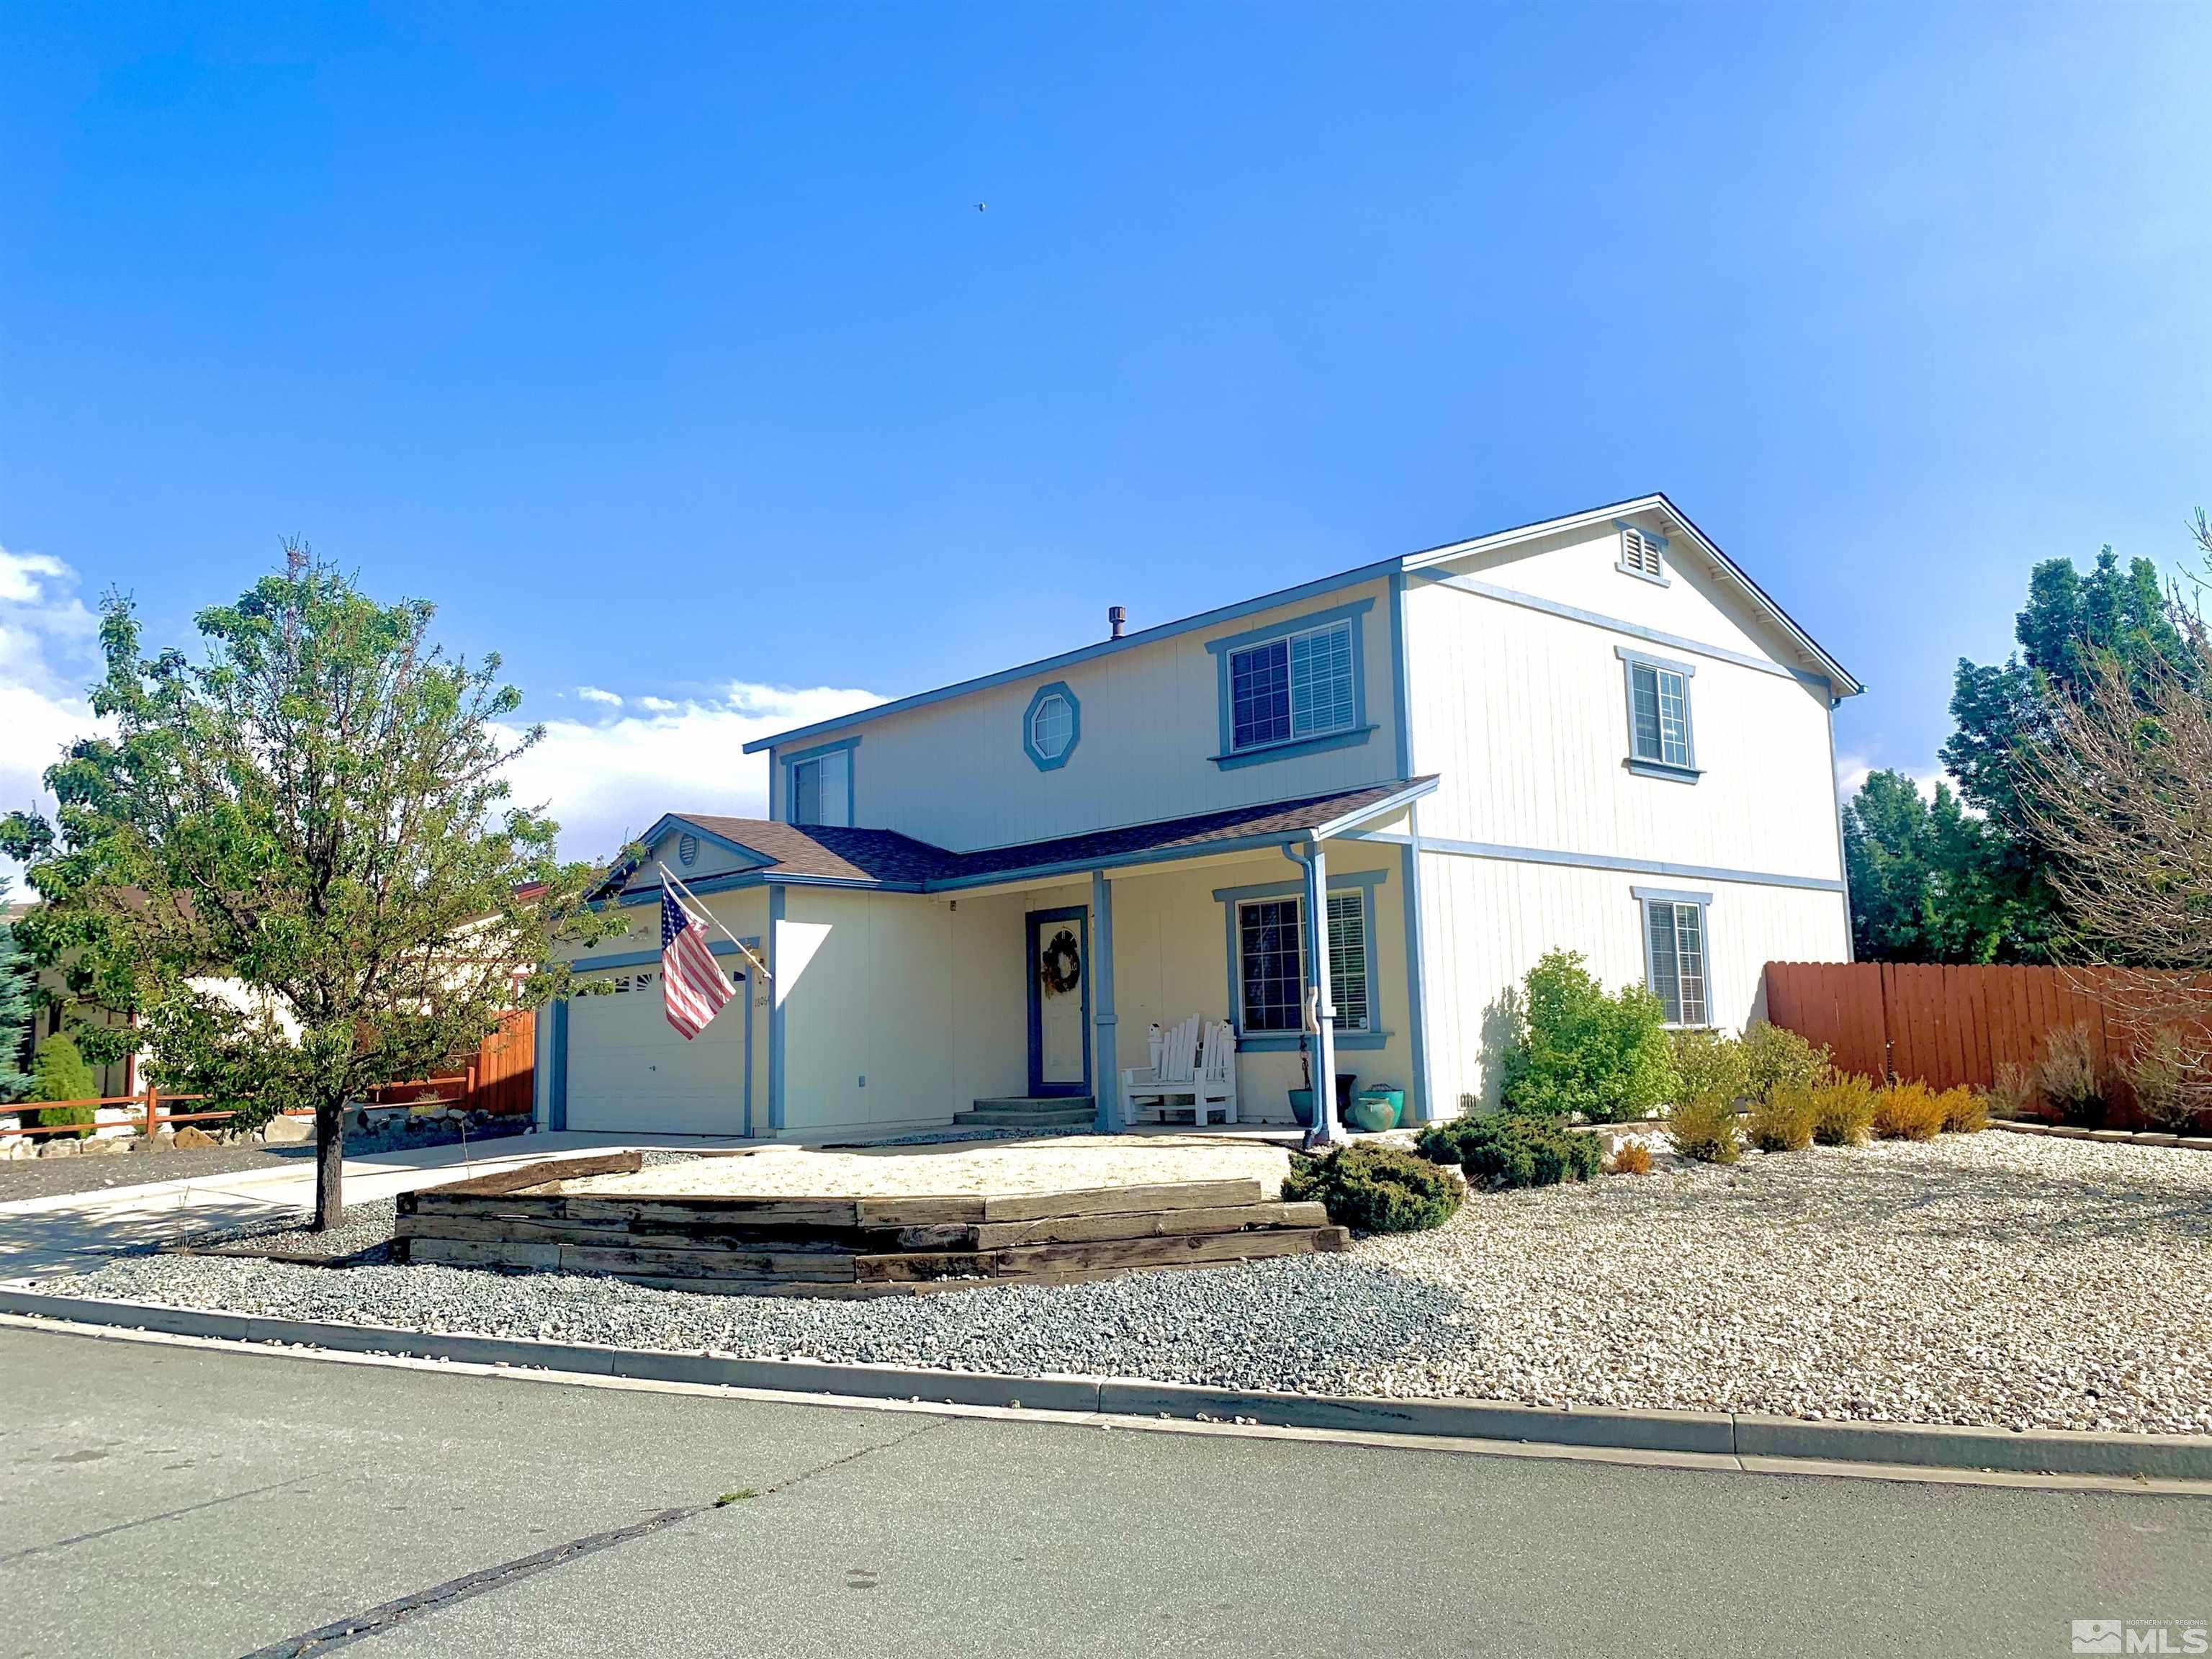 Image for 18064 Lockspur Ct., Reno, NV 89508